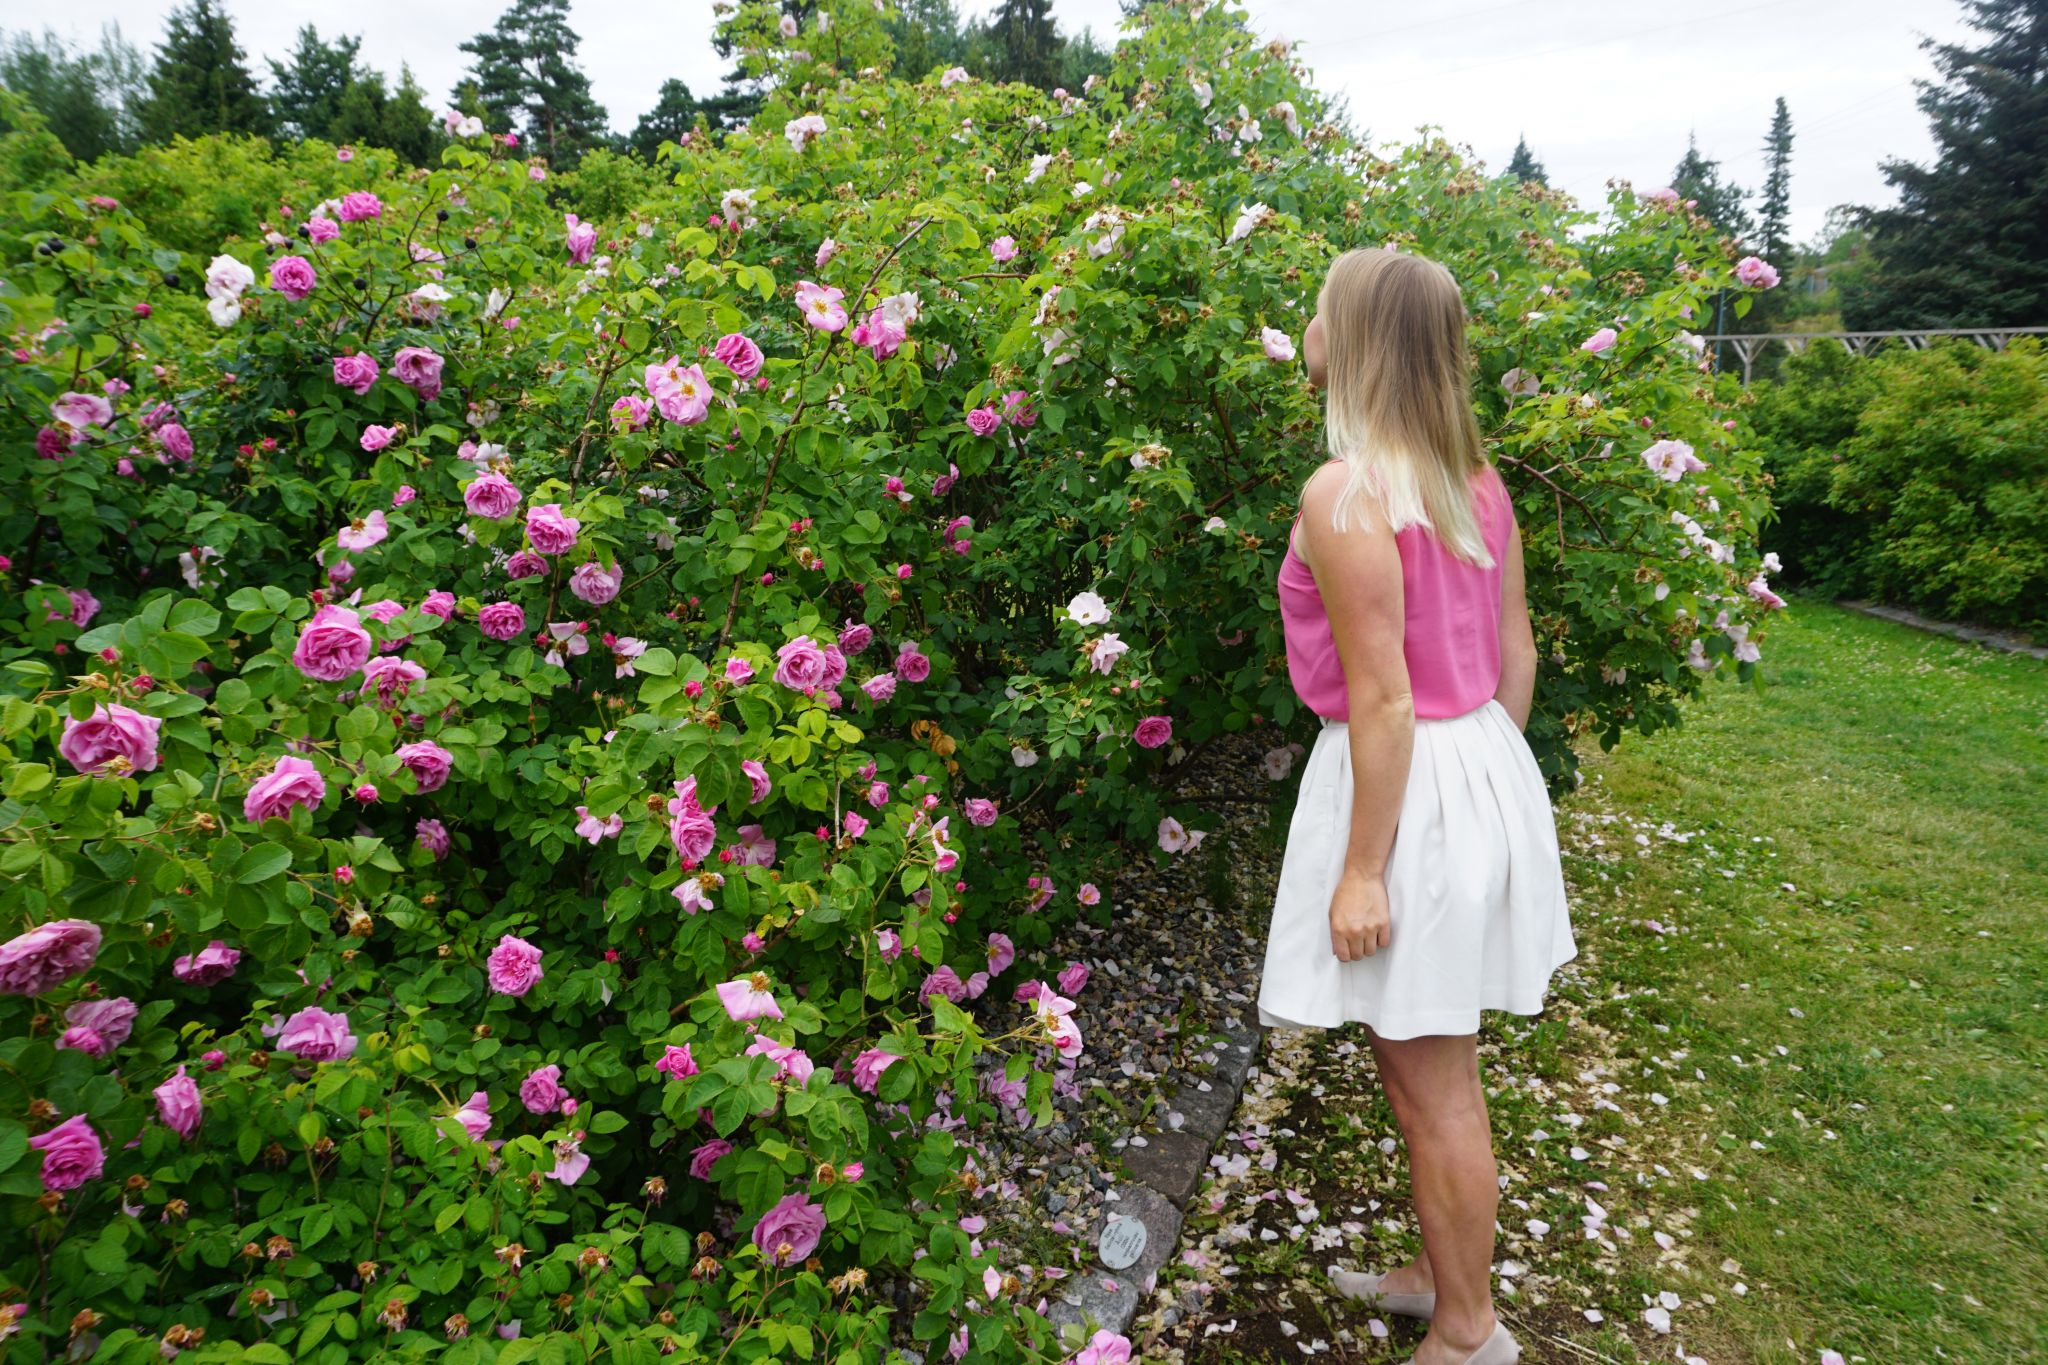 Visiting the Rosarium in Meilahti Arboretum in Helsinki